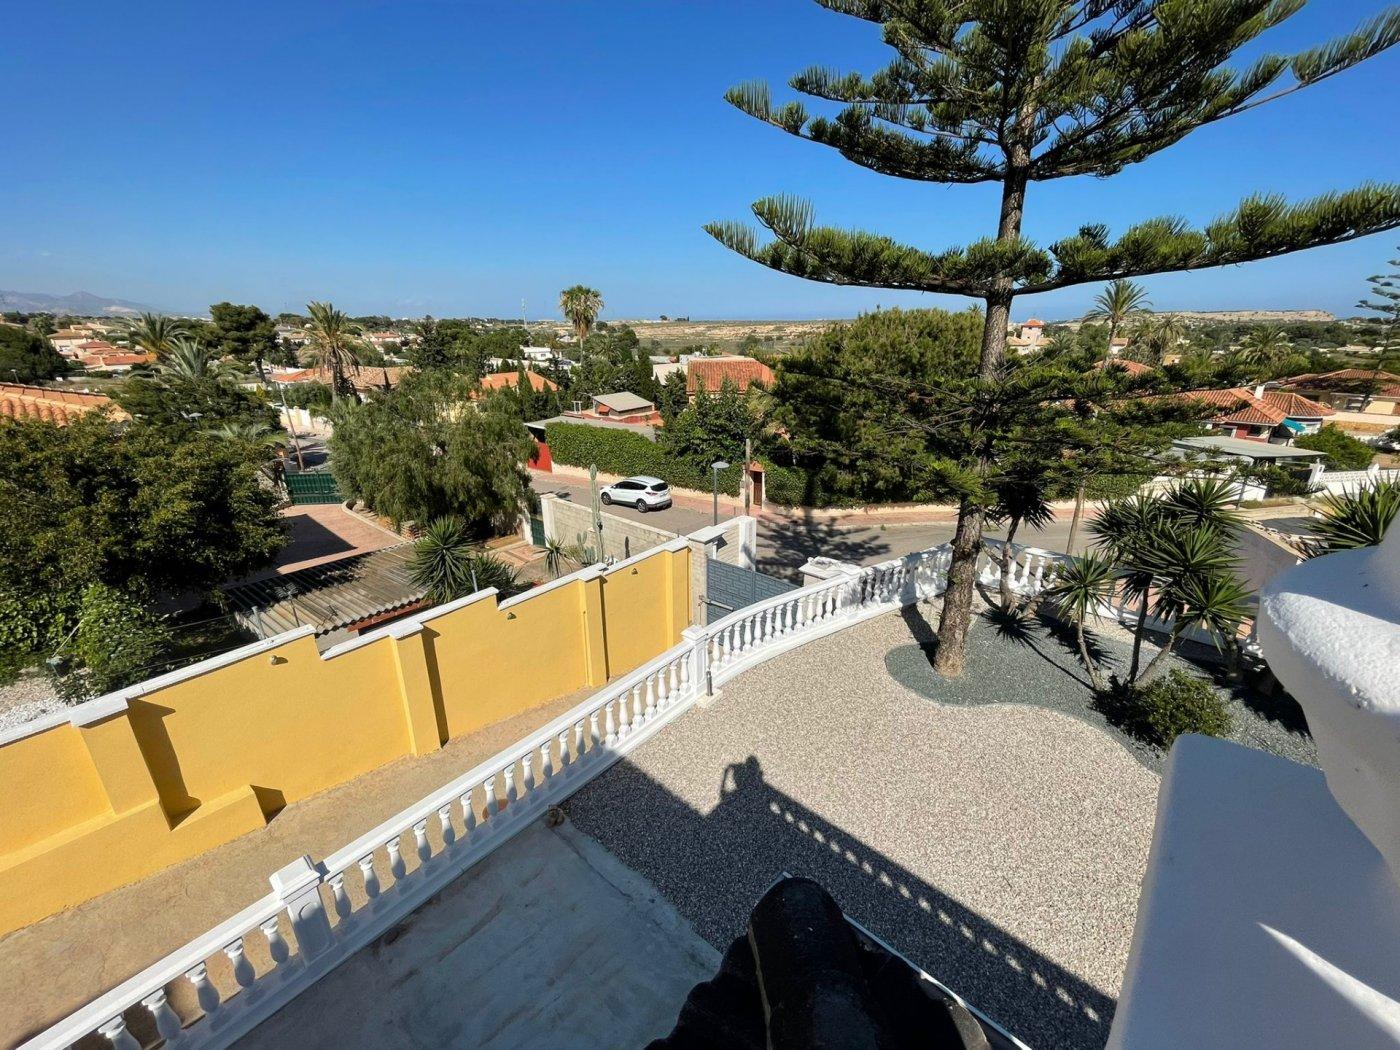 Espectacular villa en los girasoles - imagenInmueble6